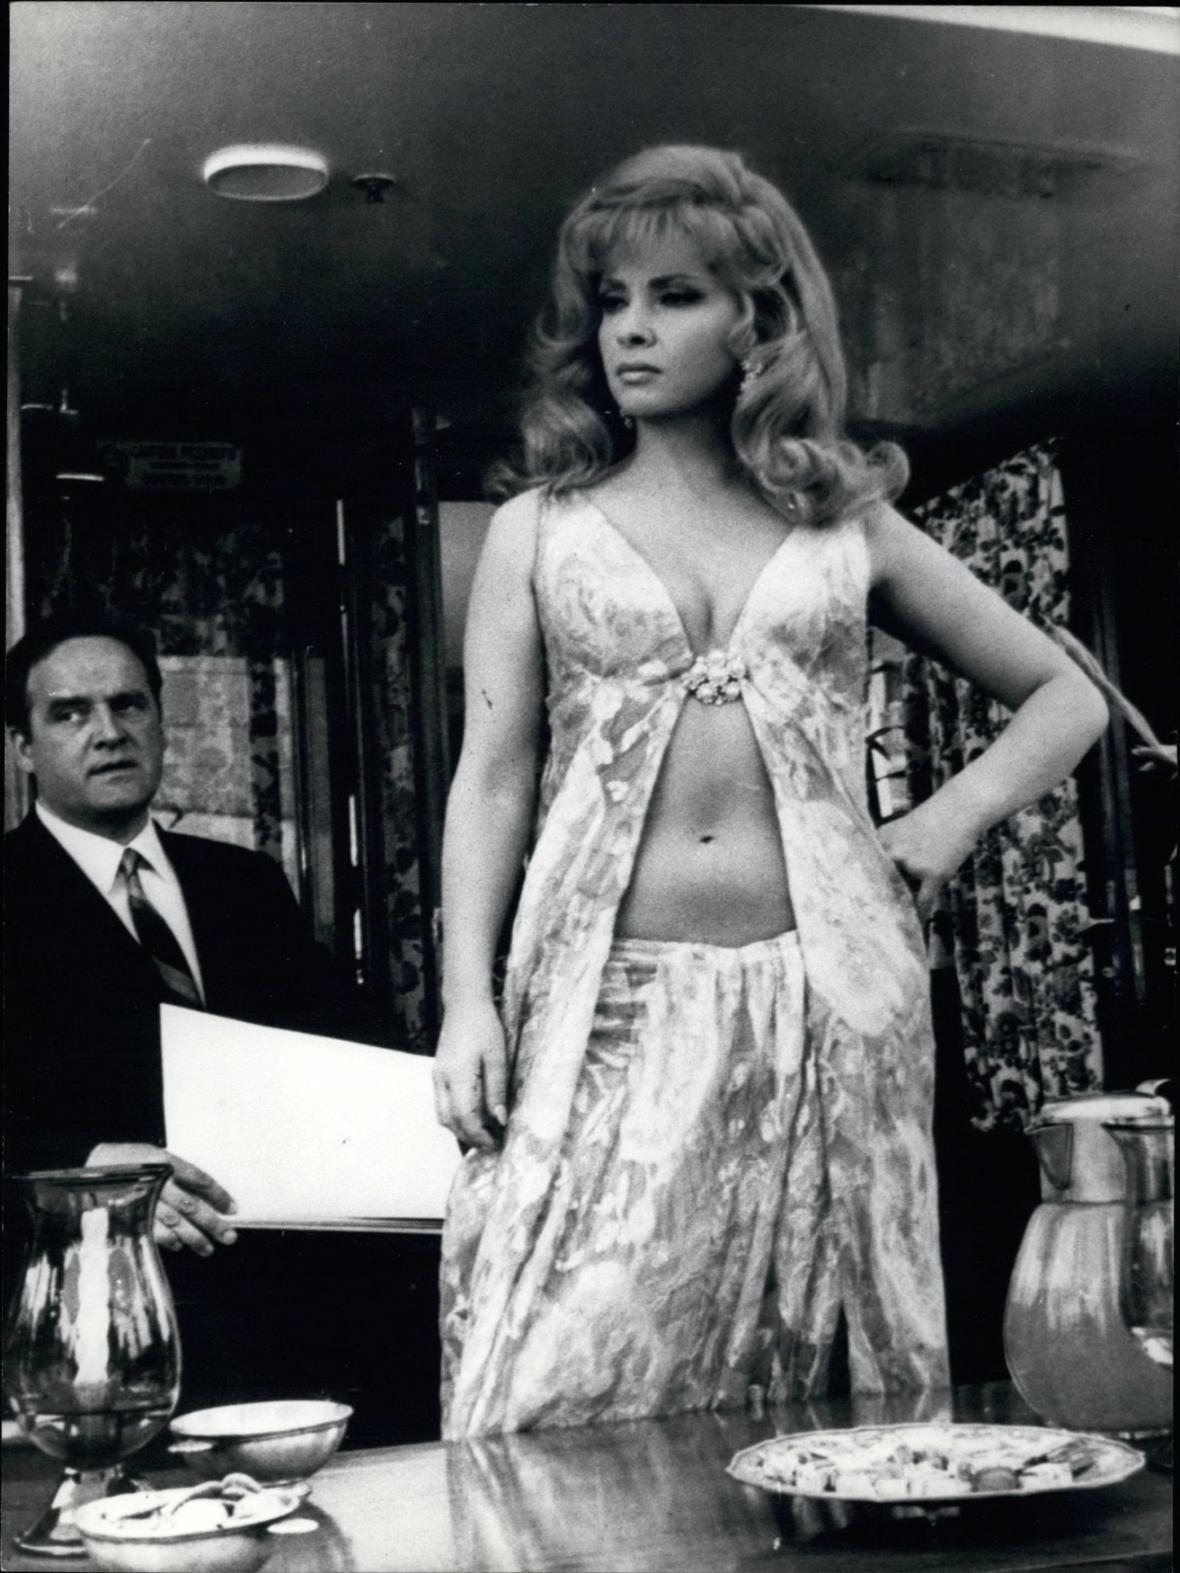 Při natáčení filmu Stuntman (1968)